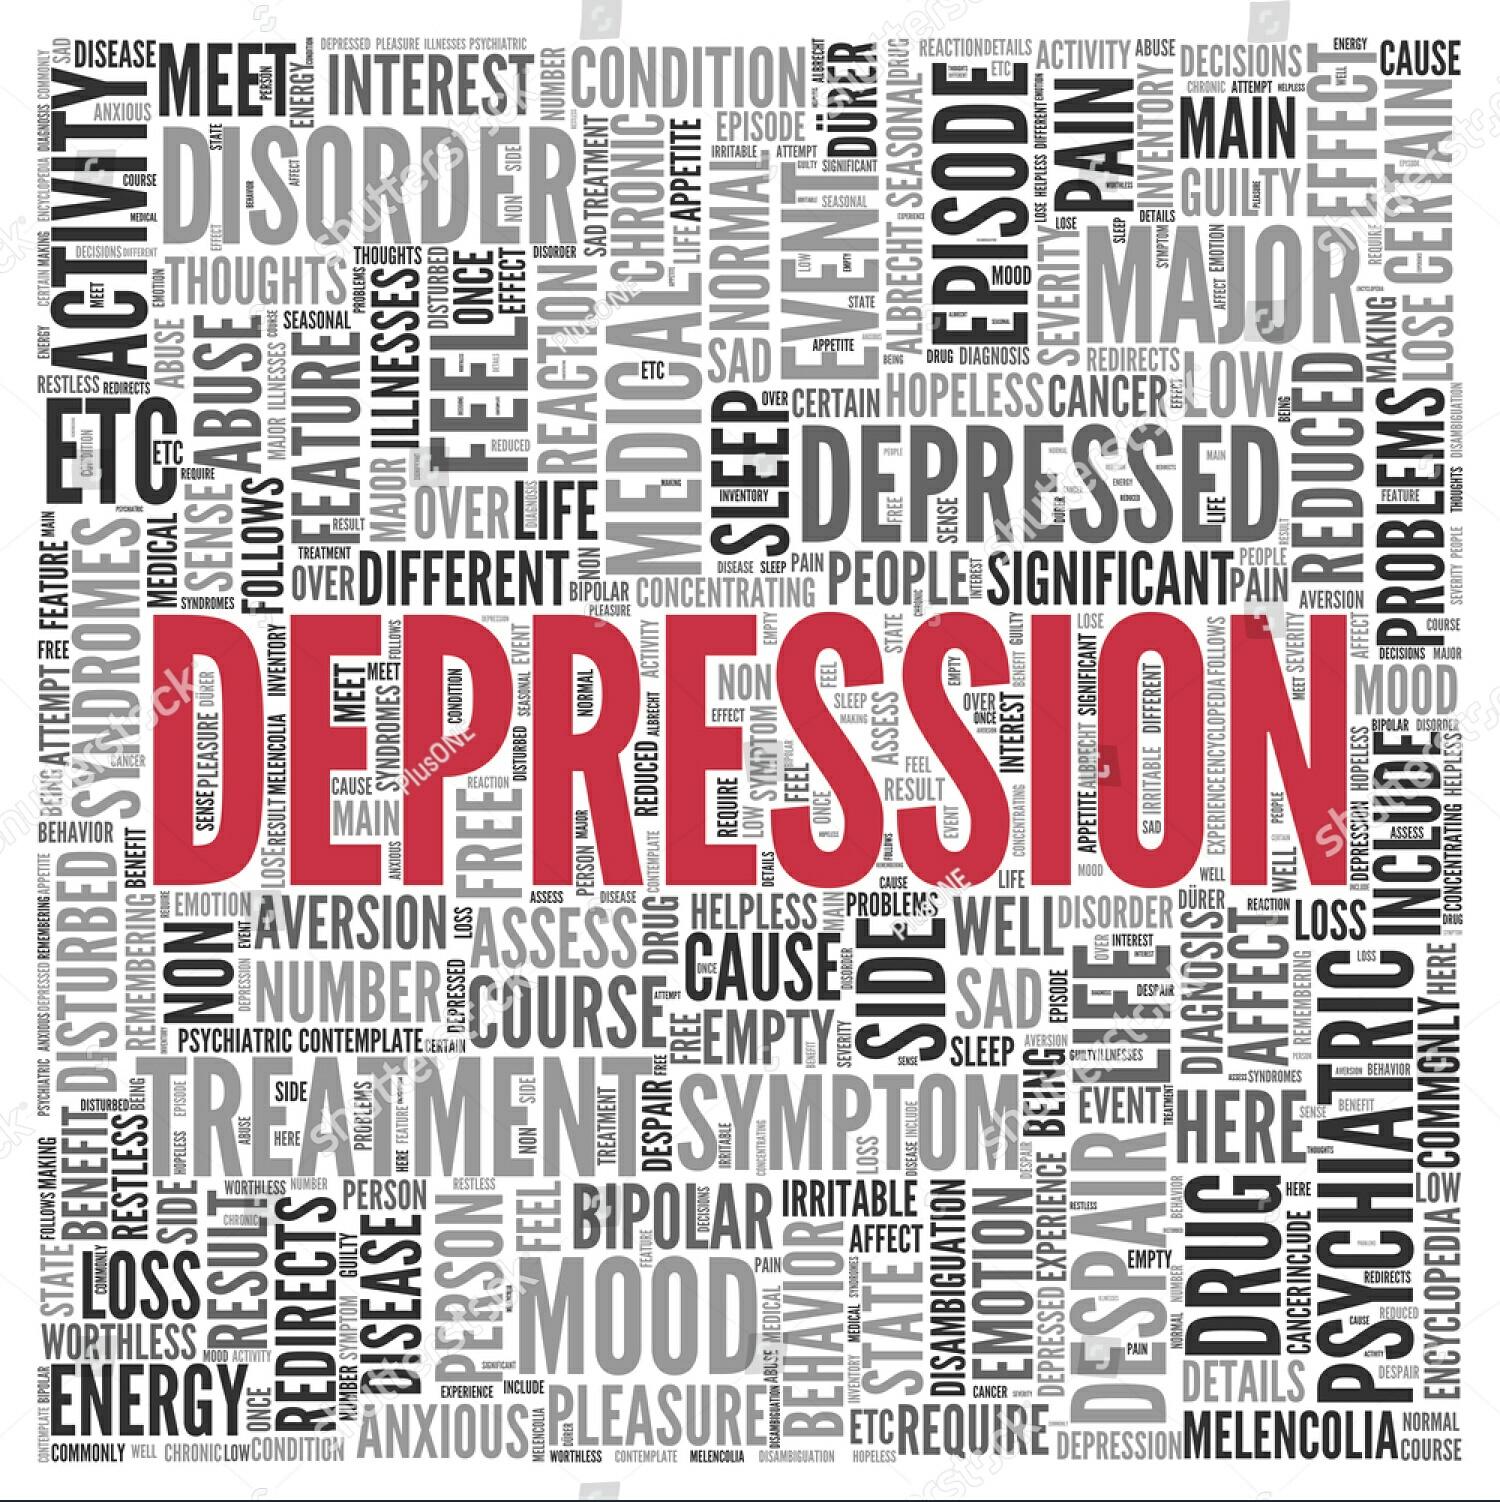 Tanda kemurungan tanda meroyan simptom depression